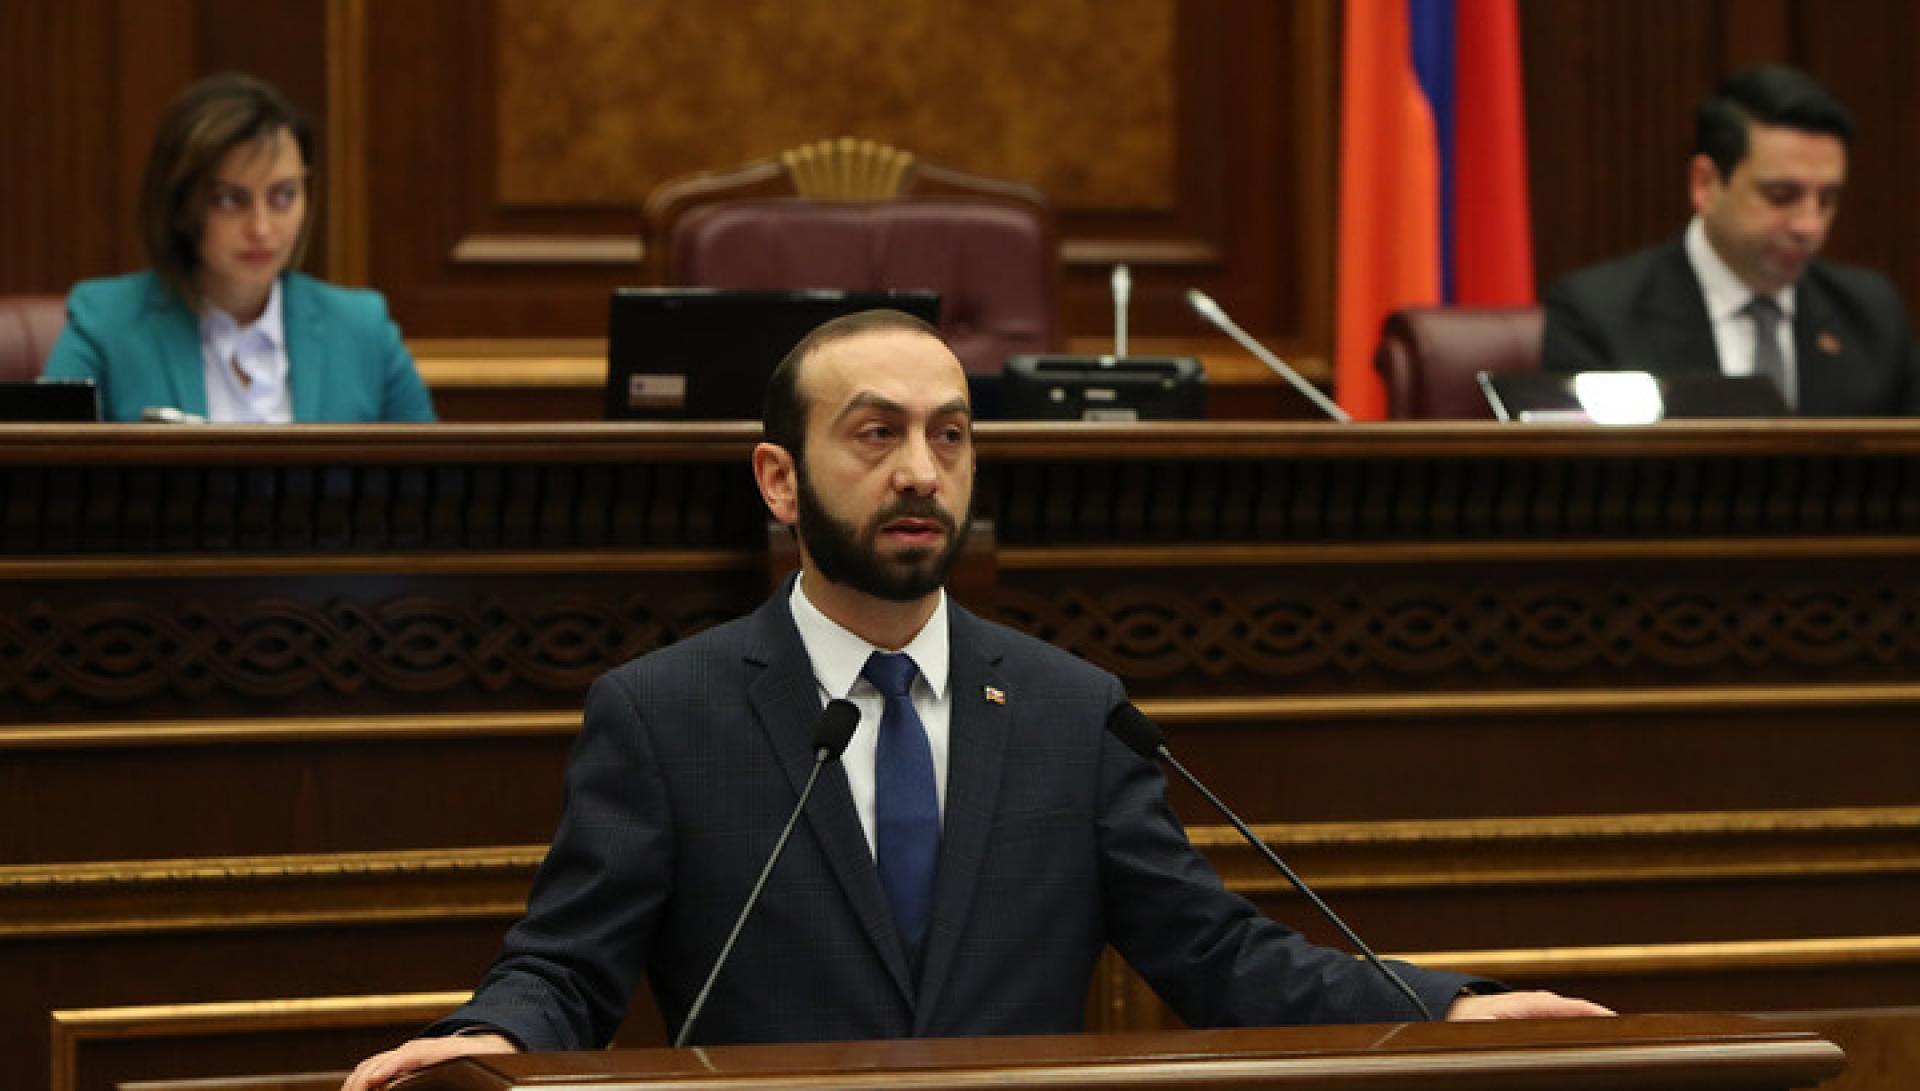 Հարգելի  ՌԴ հատուկ ծառայություններ, մի քիչ զարգացրեք ձեր գործելաոճը,21-րդ դարն ա արդեն. Միրզոյանը ծաղրել է հայ փորձագետներին և ՌԴ հատուկ ծառայություններին